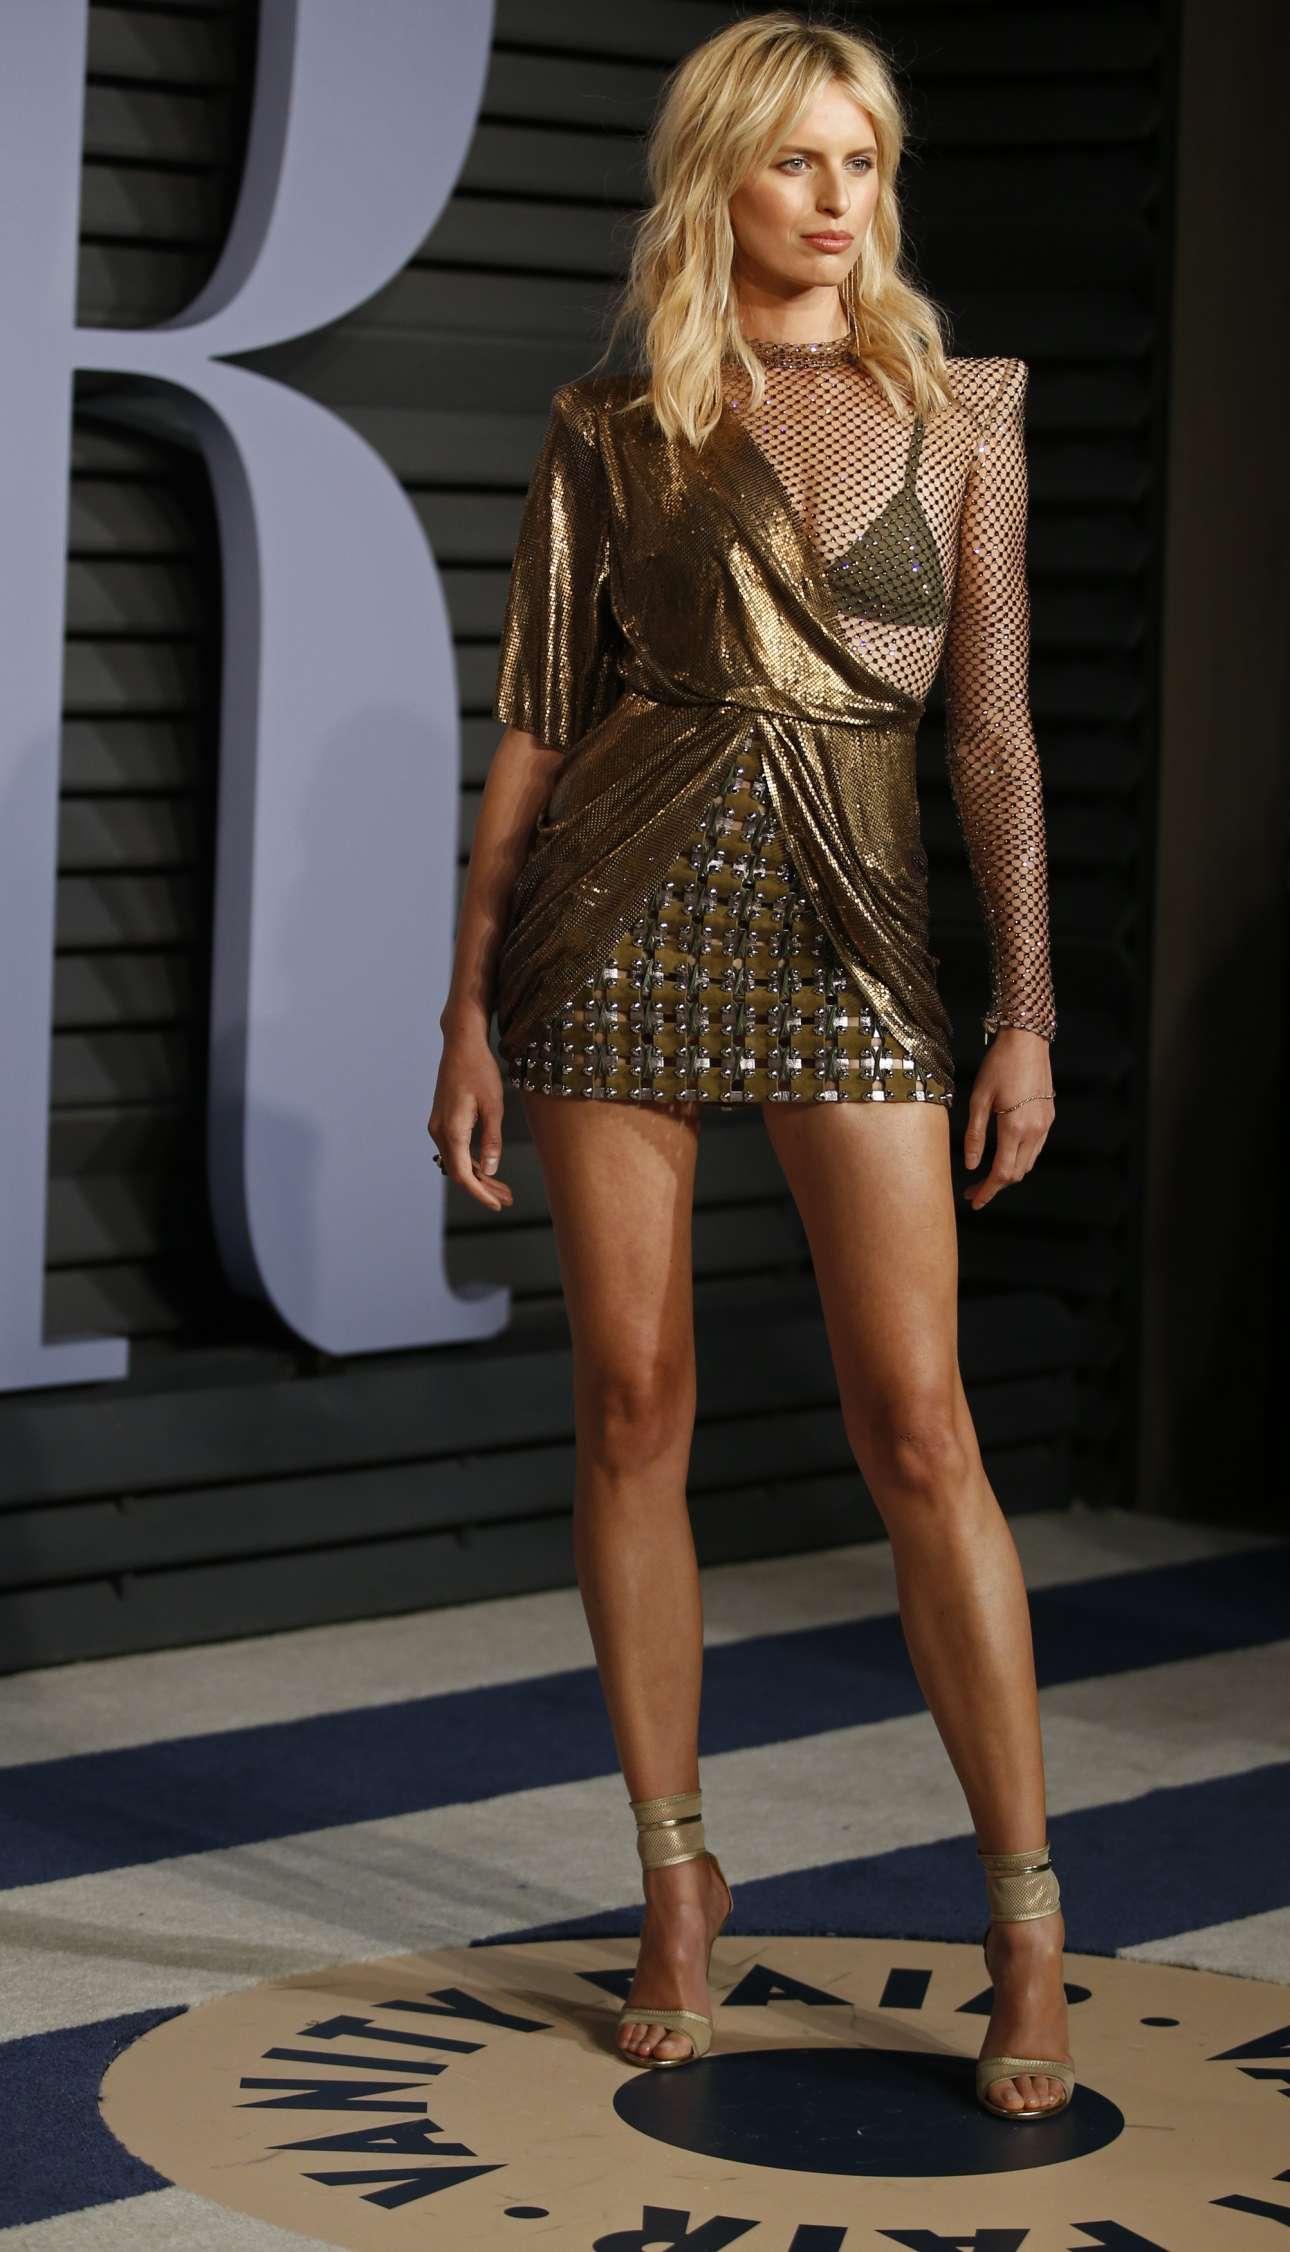 H Καρολίνα Κούρκοβα, μοντέλο, καταφθάνει στο πάρτι του Vanity Fair για τα 90ά Οσκαρ